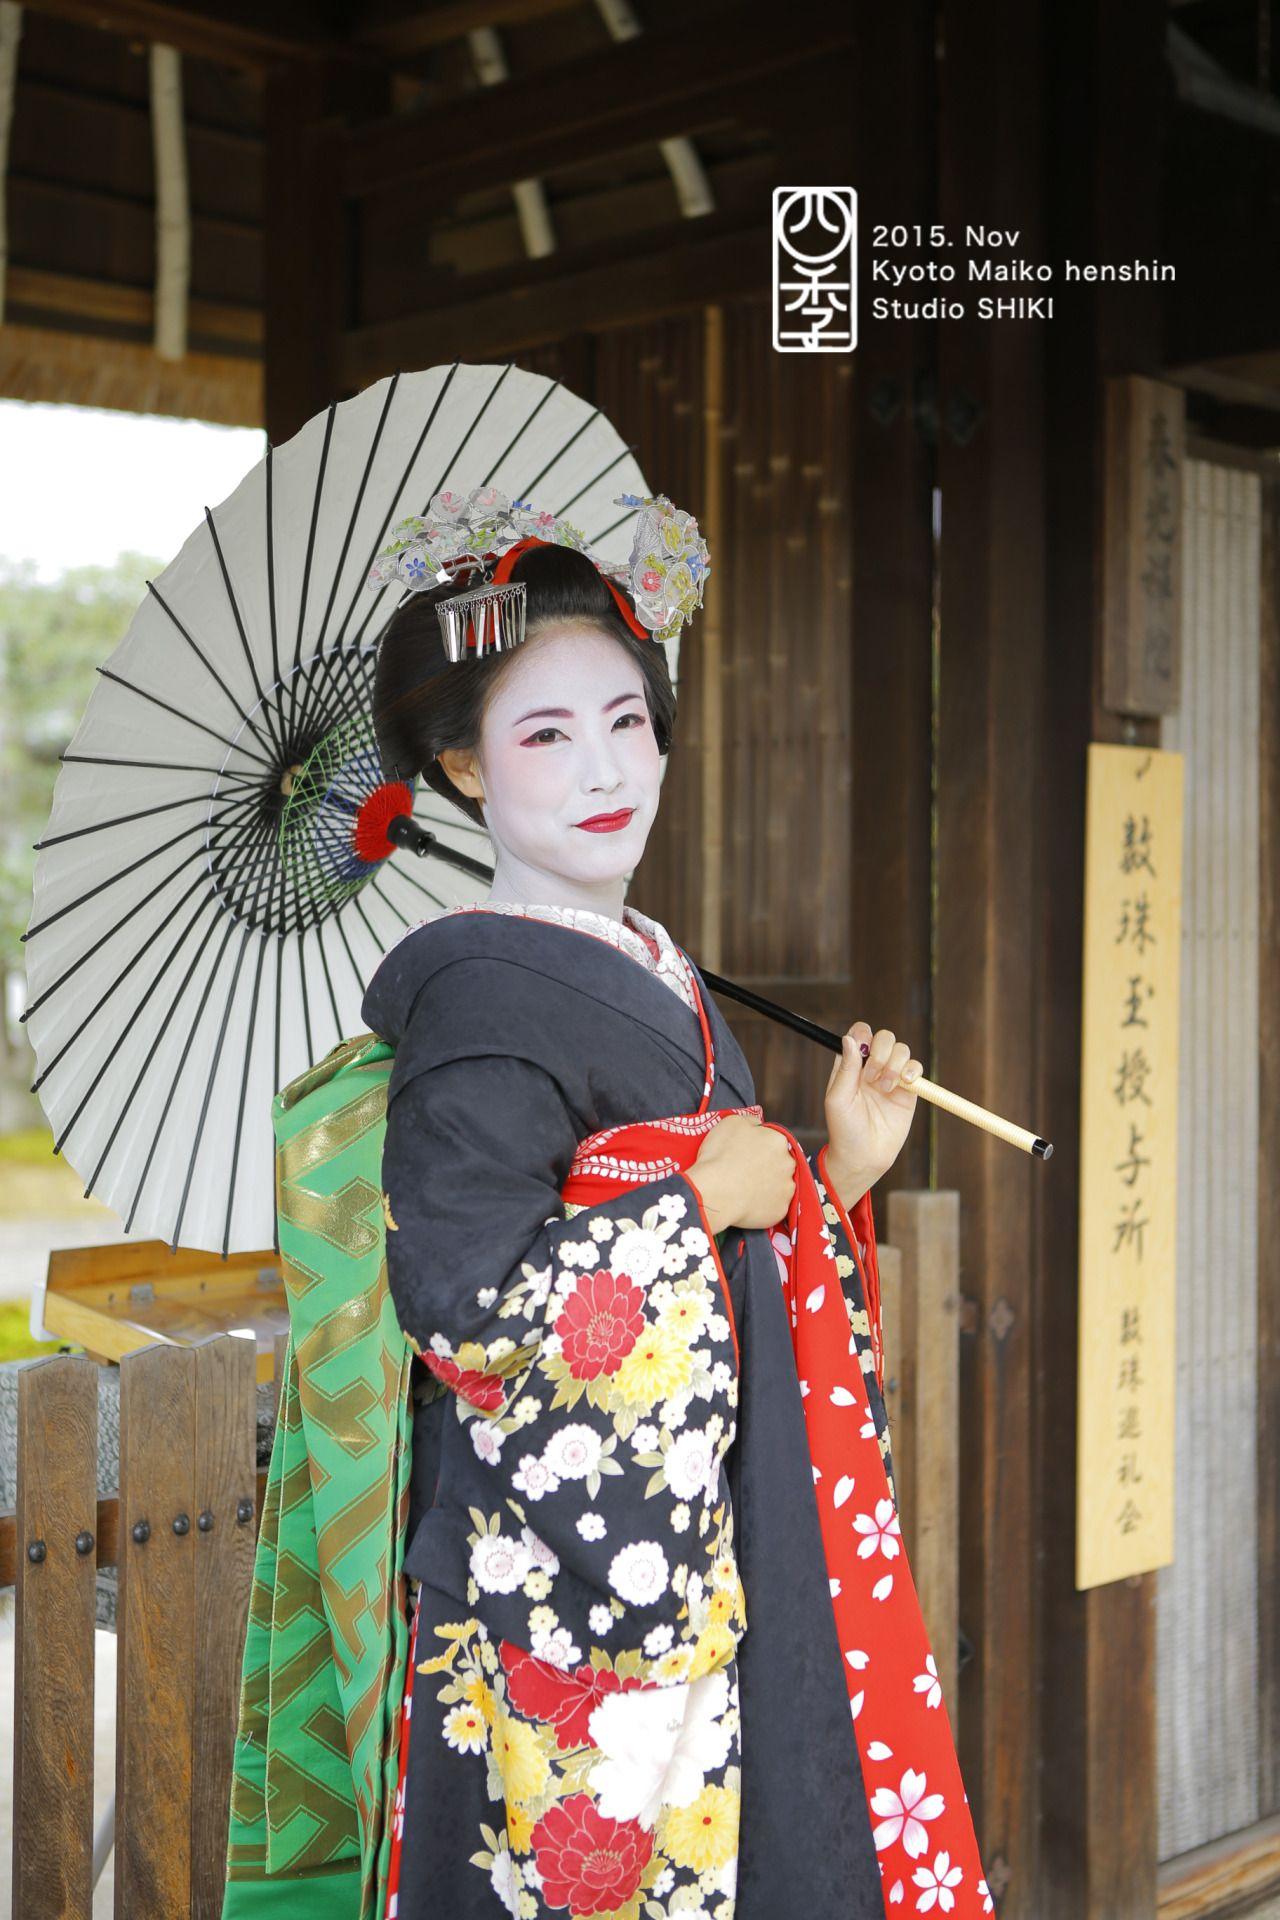 京都もいい感じに紅葉してきました!舞妓さんに変身して、秋の京都を散策してみませんか?#舞妓 #着物 #京都 #体験 #秋 #四季 #二年坂